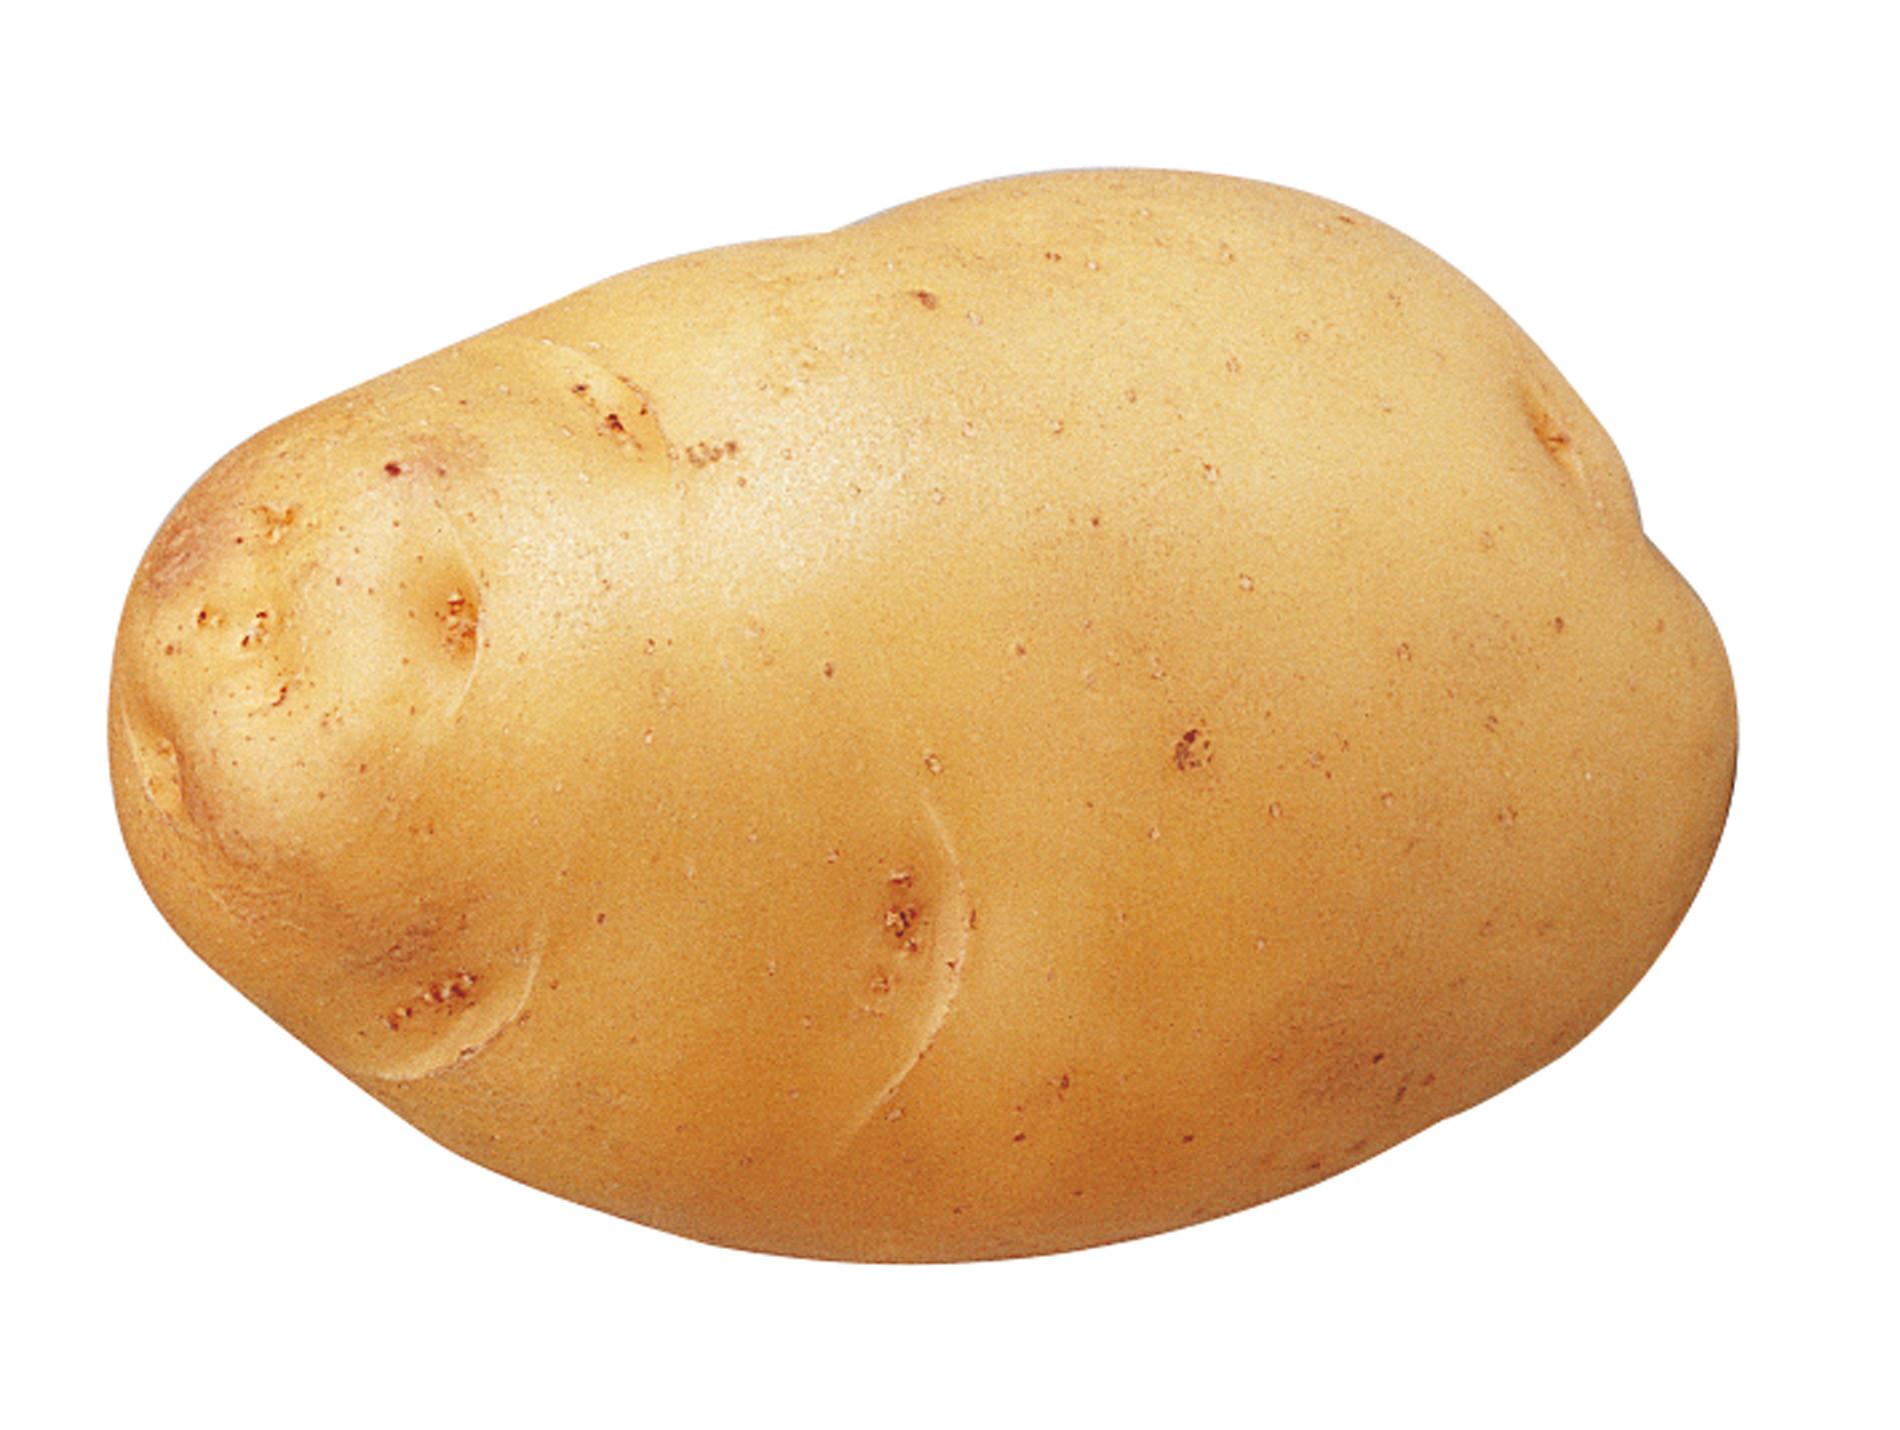 Plants de pommes de terre Bintje 35/45 5kg